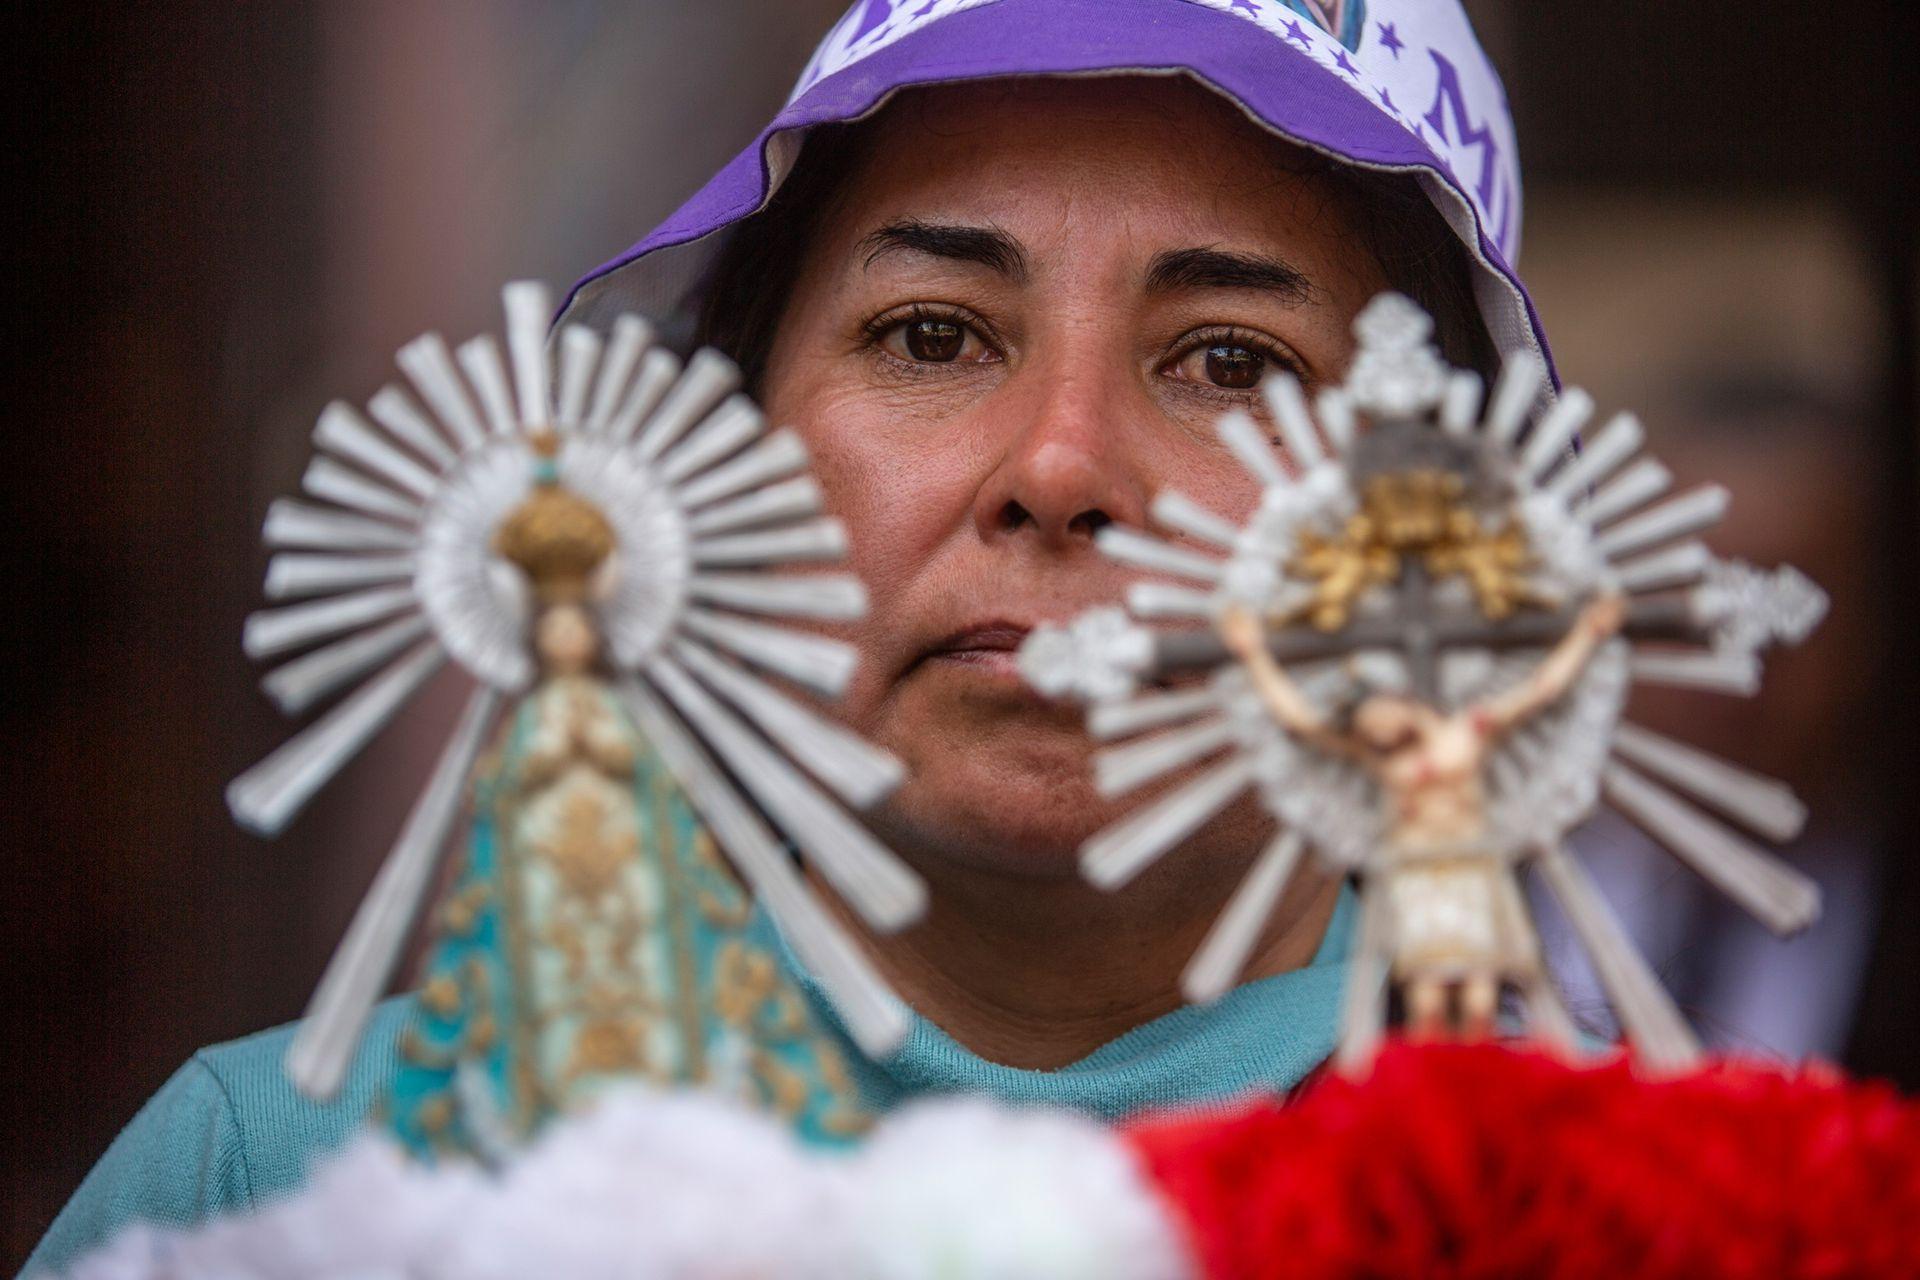 La procesión arranca con la salida desde el templo mayor de Salta de la Cruz Procesional, para dar paso luego a la imagen de la Virgen de las Lágrimas, la de la Virgen del Milagro y finalmente la del Señor del Milagro